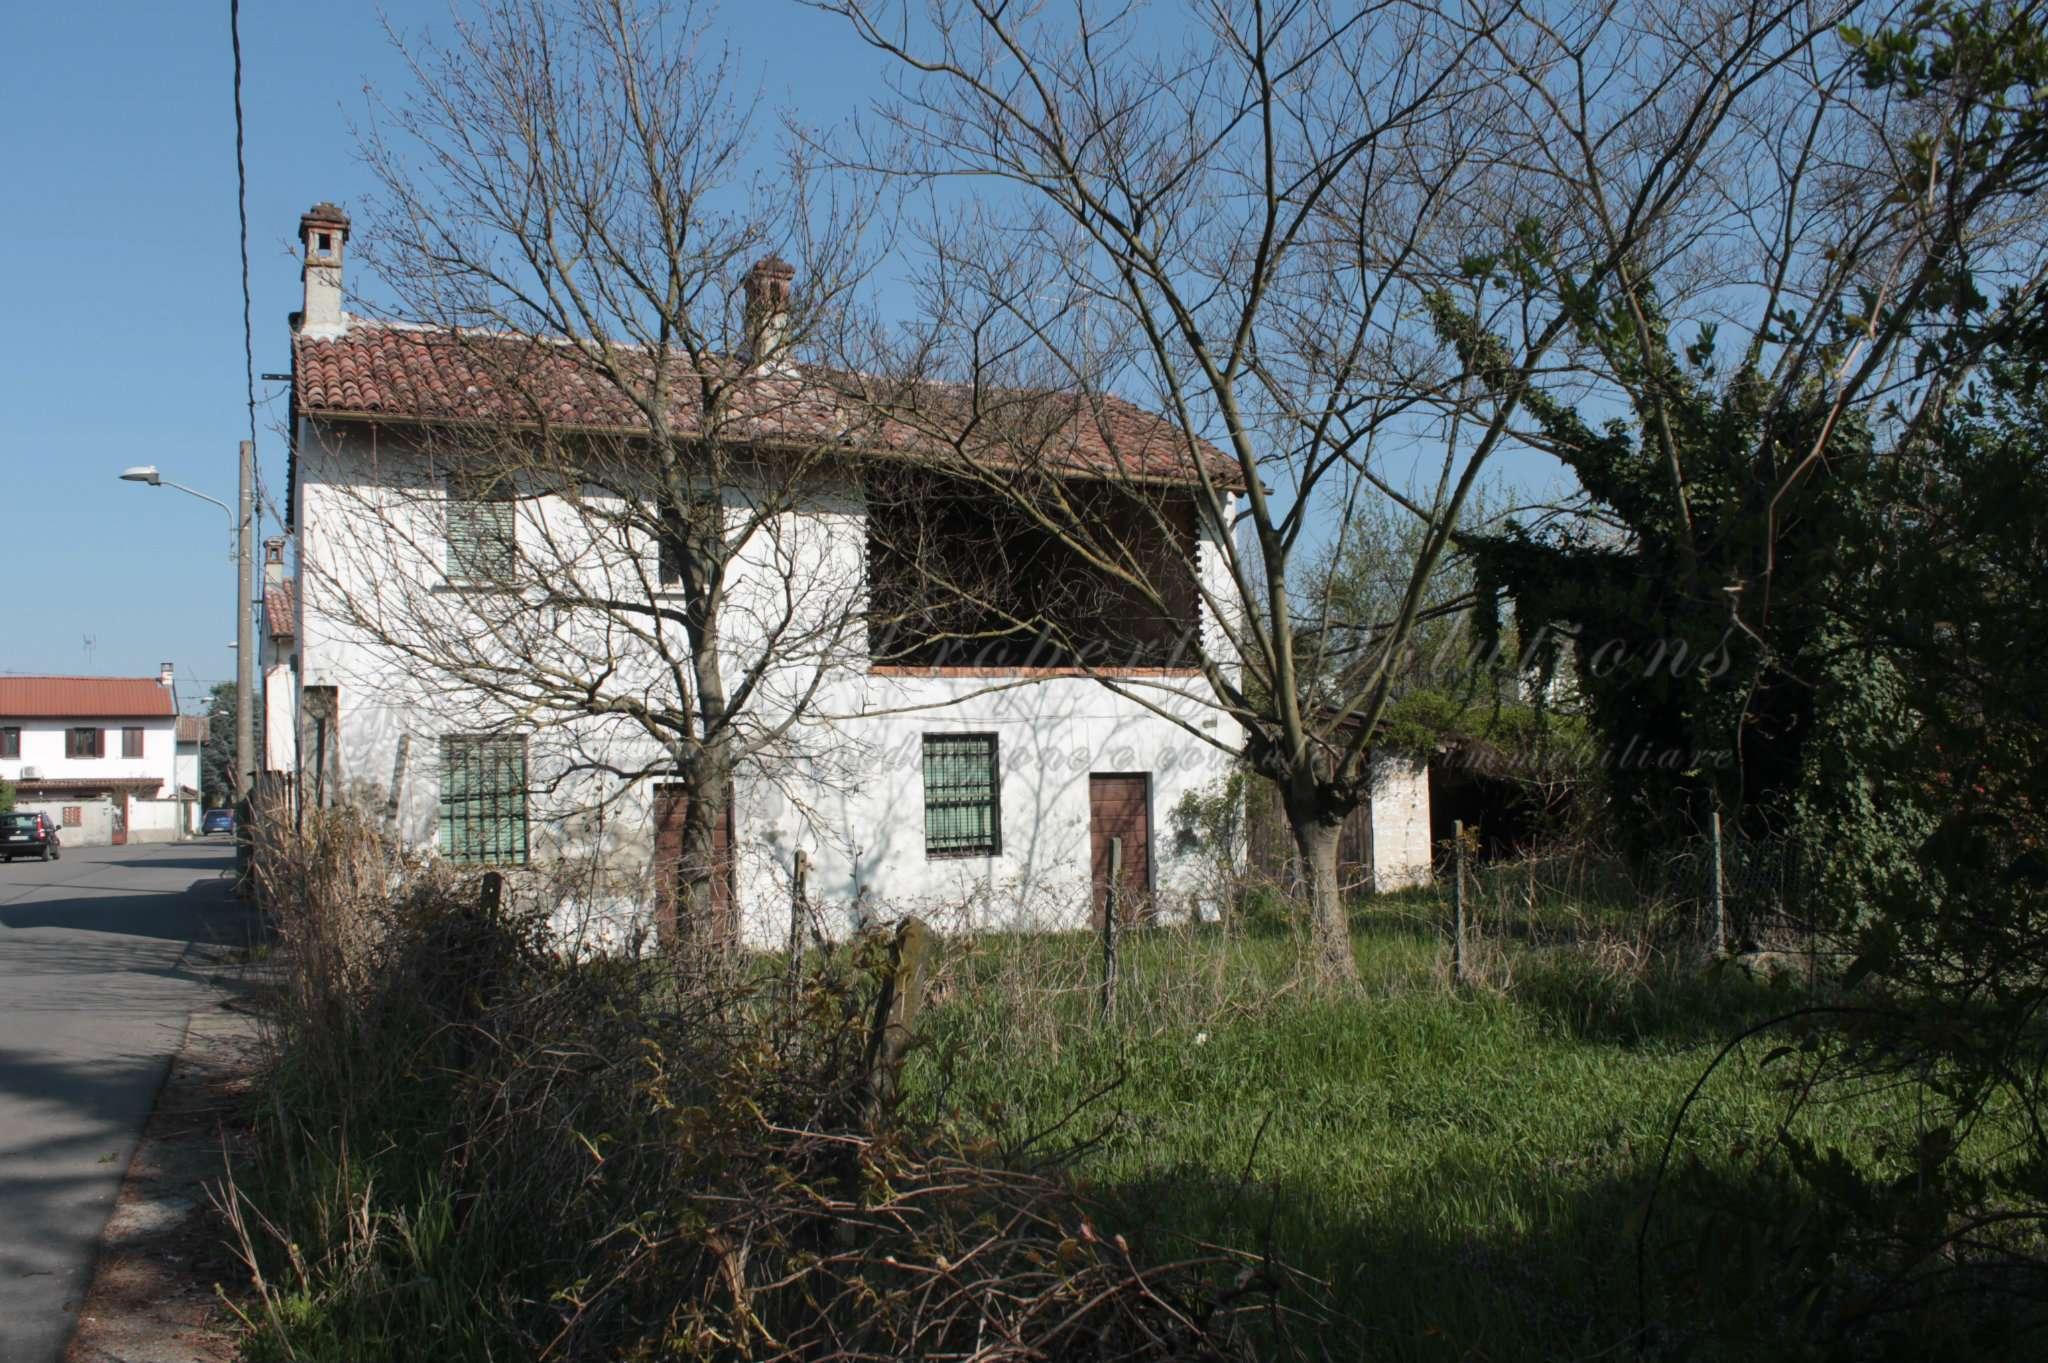 Rustico / Casale in vendita a Dorno, 6 locali, prezzo € 60.000 | Cambio Casa.it